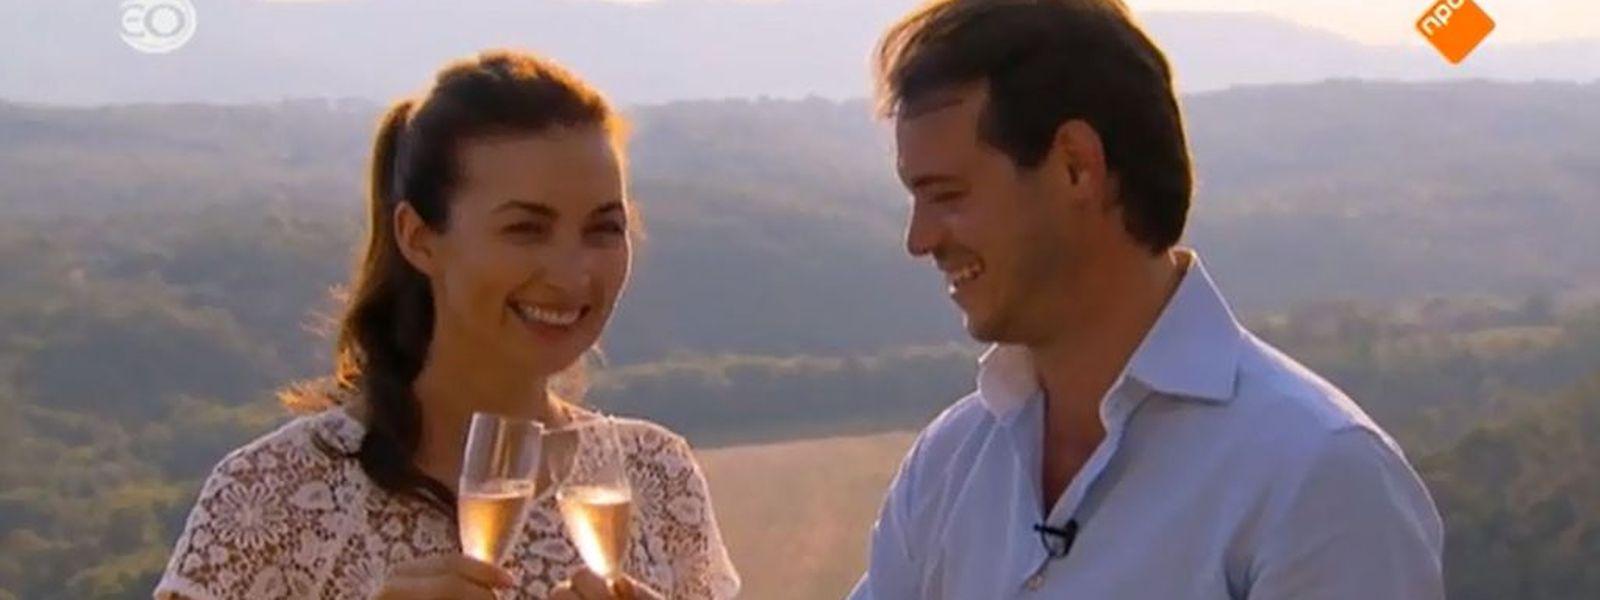 Le prince et la princesse ont accueilli la chaîne de télévision hollandaise le 13 septembre dernier dans leur domaine dans le Var.